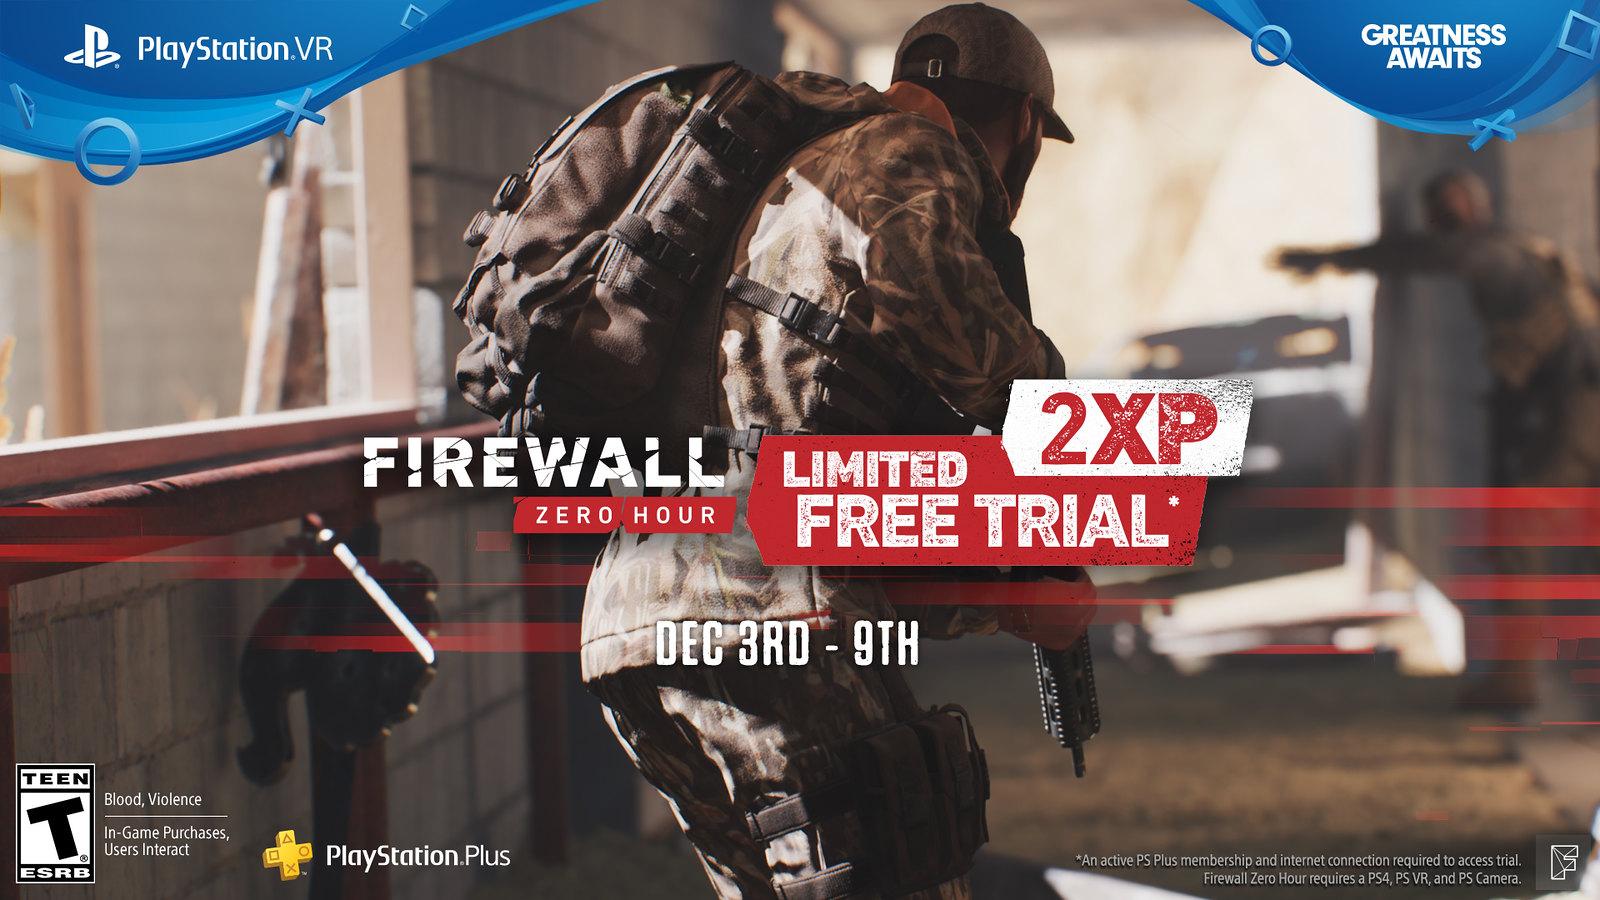 PlayStation Plus - Firewall Zero Hour